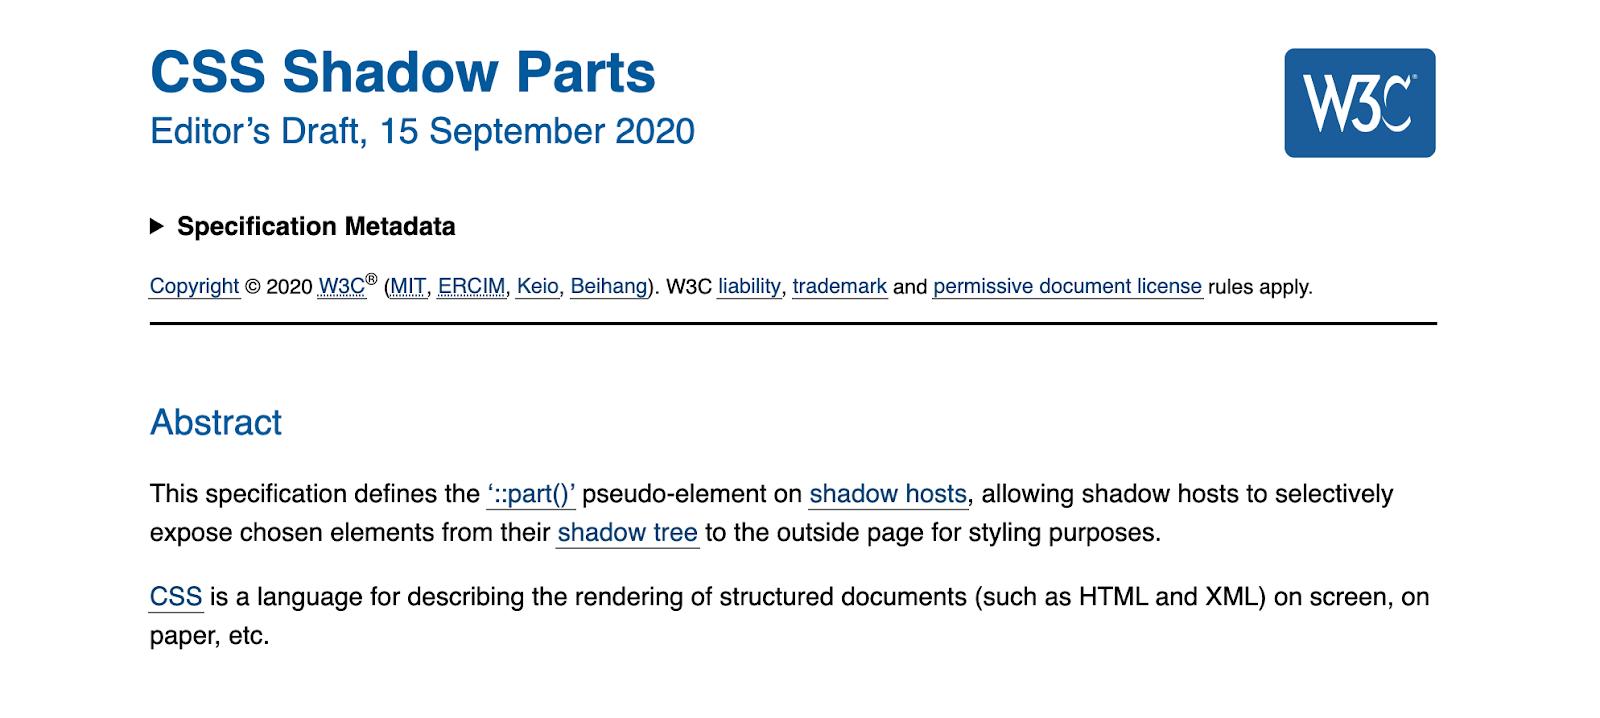 ccs shadow parts